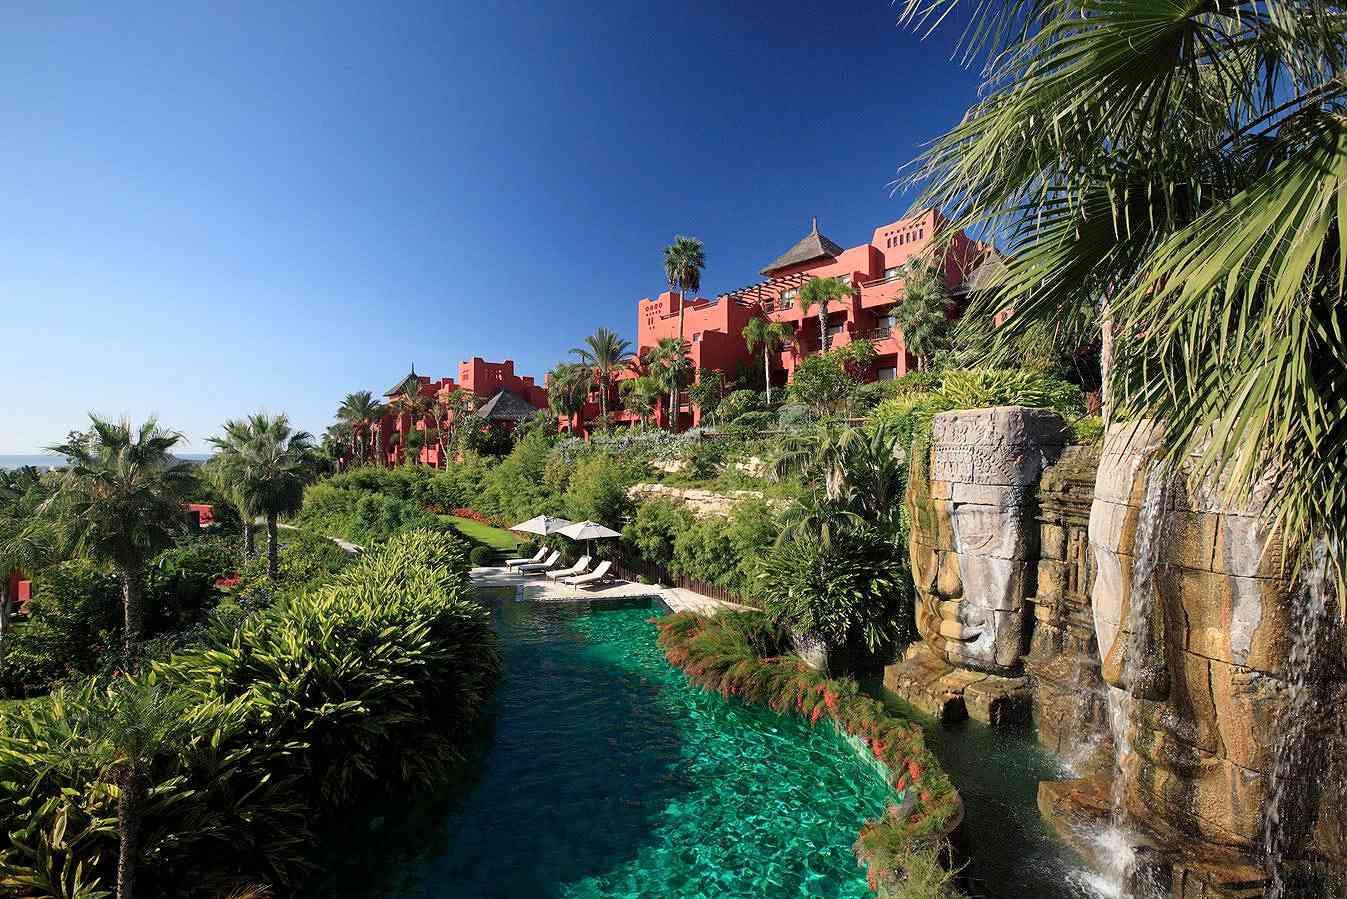 Hoteles de lujo en asia cada vez m s baratos lujo vip for Hoteles de lujo baratos